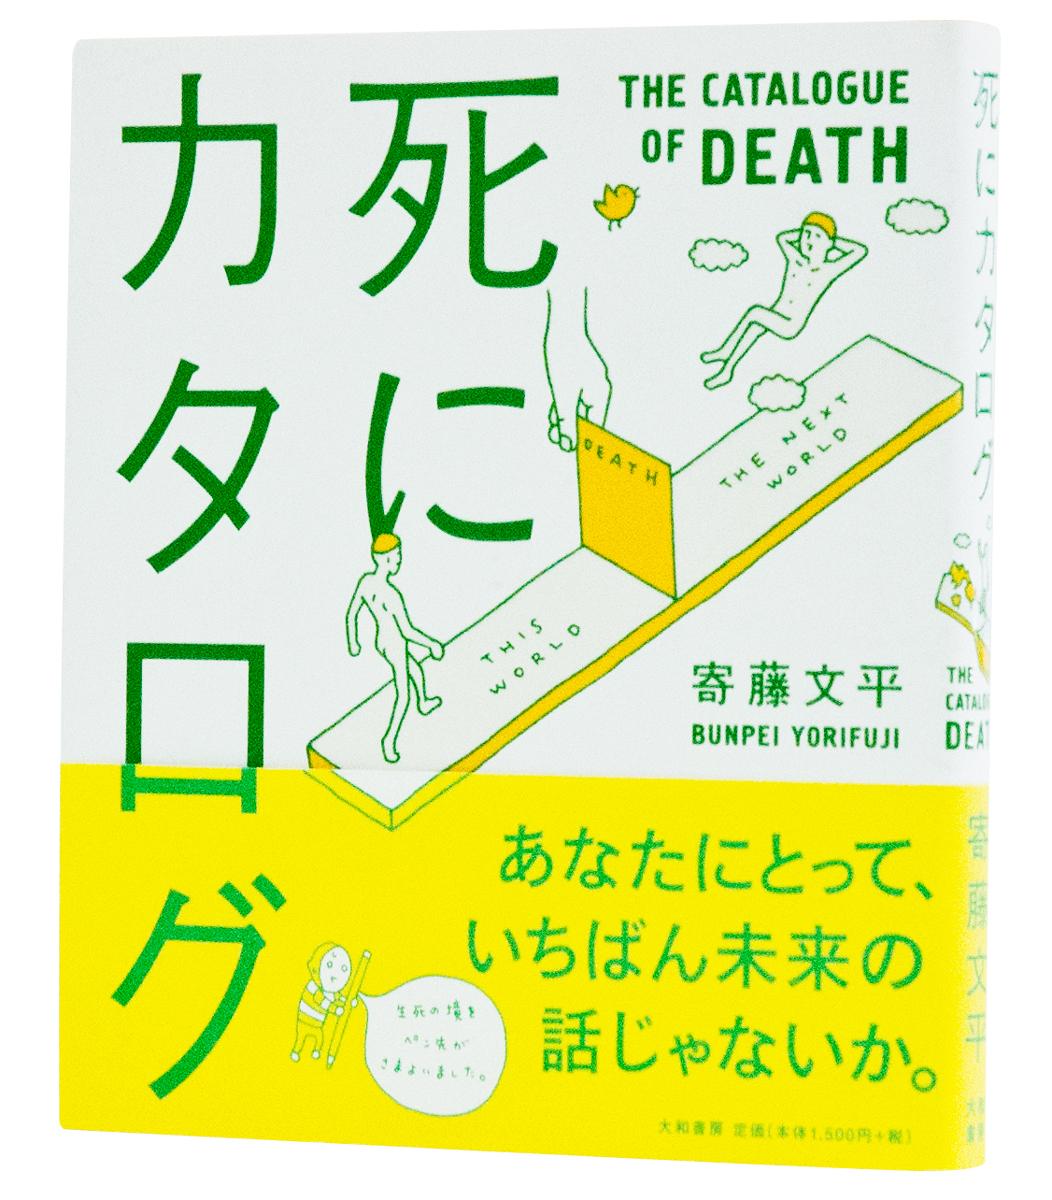 [寄藤 文平] 『死にカタログ』(大和書房)